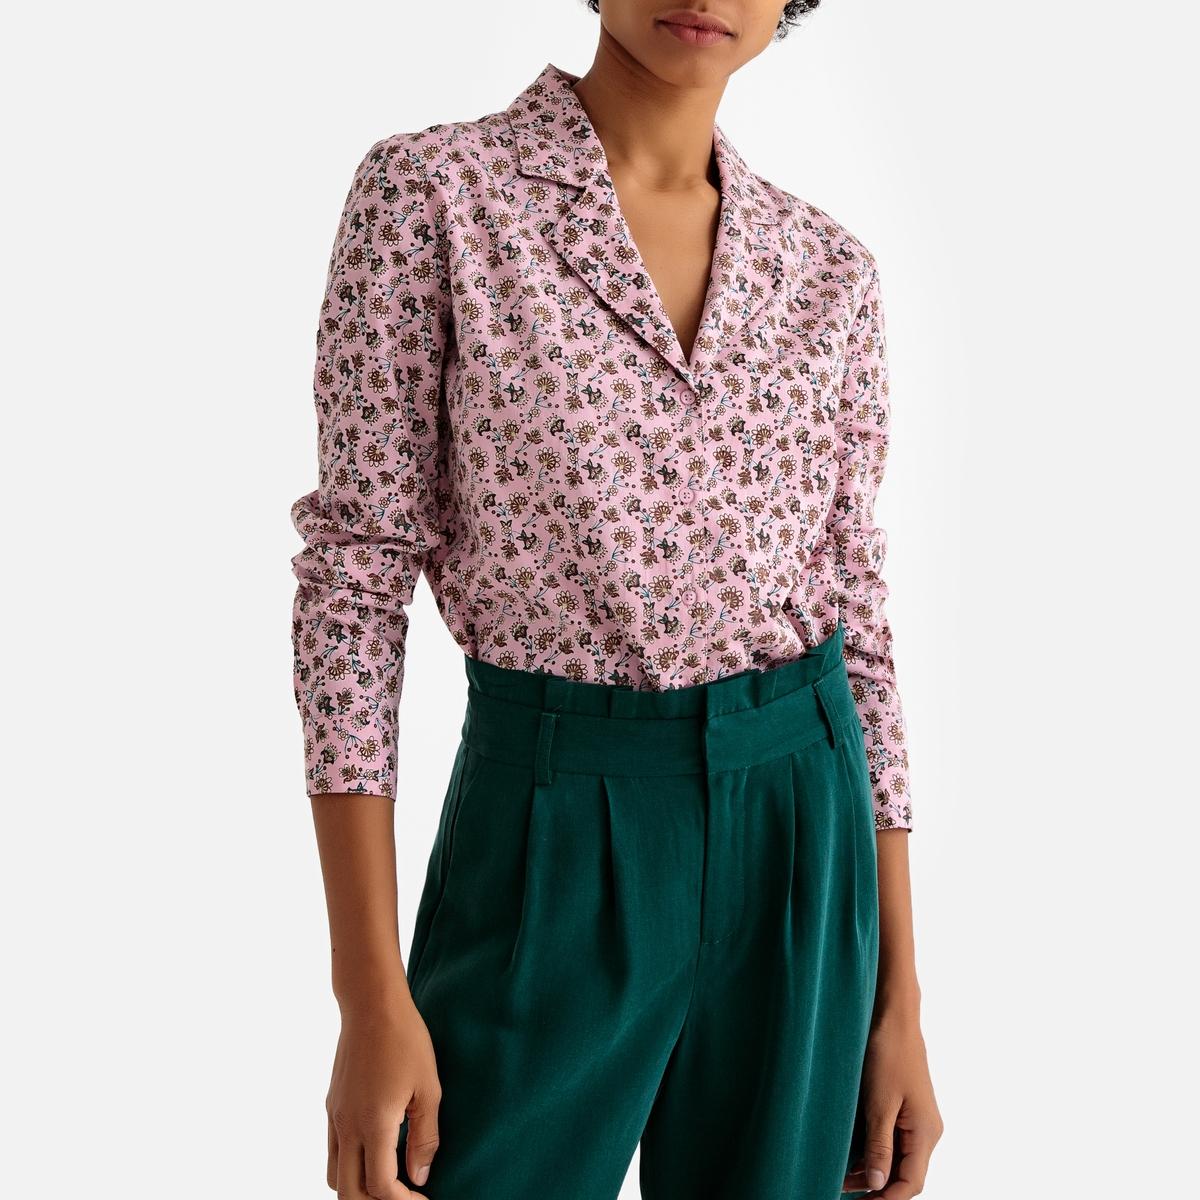 купить Рубашка La Redoute В стиле пижамы с цветочным принтом 36 (FR) - 42 (RUS) розовый дешево